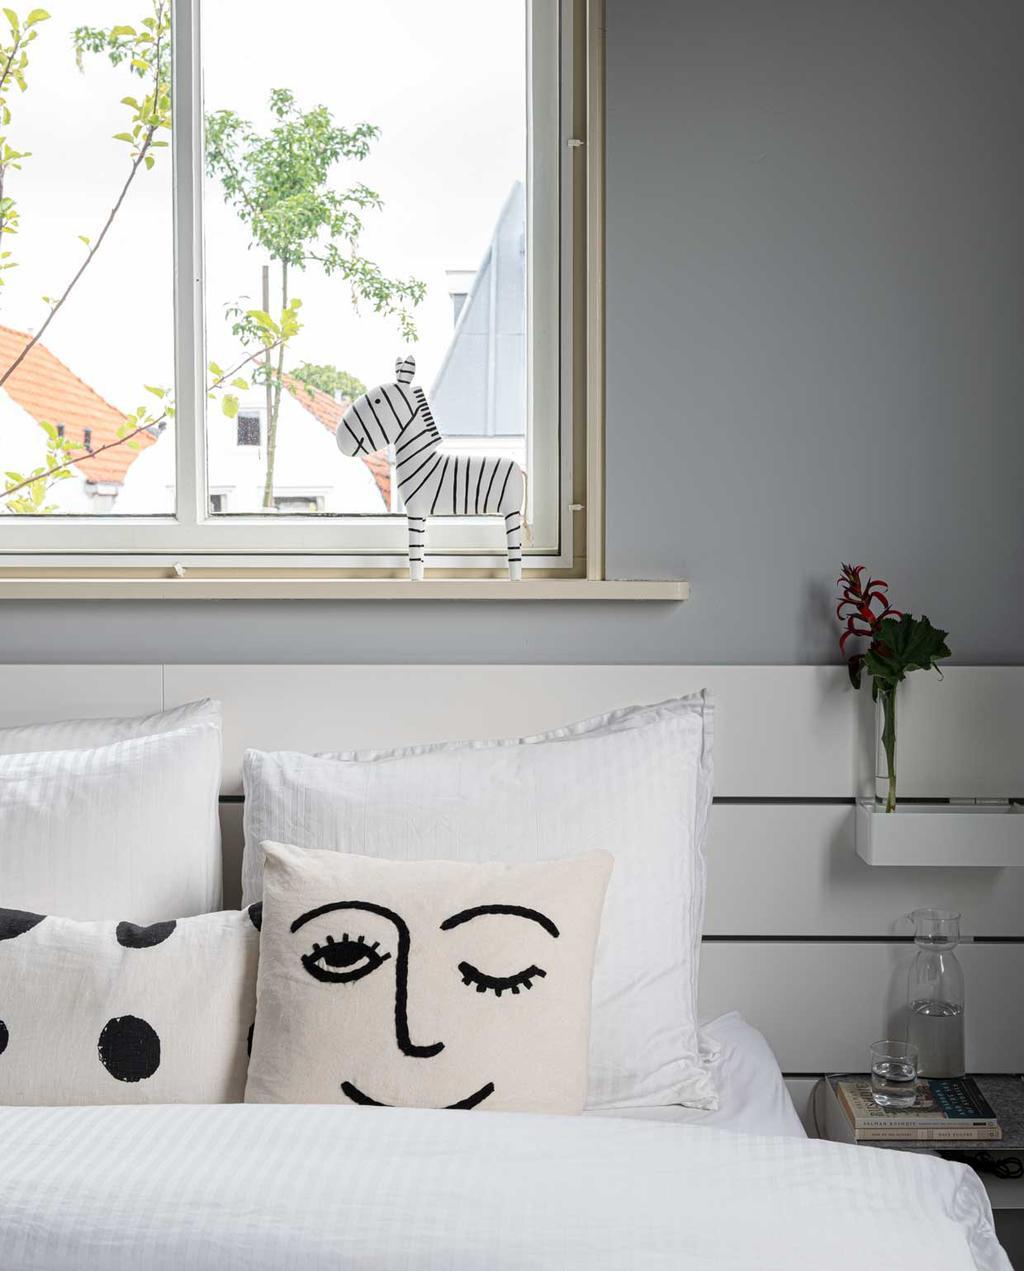 vtwonen bk special12-2020 | binnenkijken in een voormalige zeepfabriek | slaapkamer | wit bed